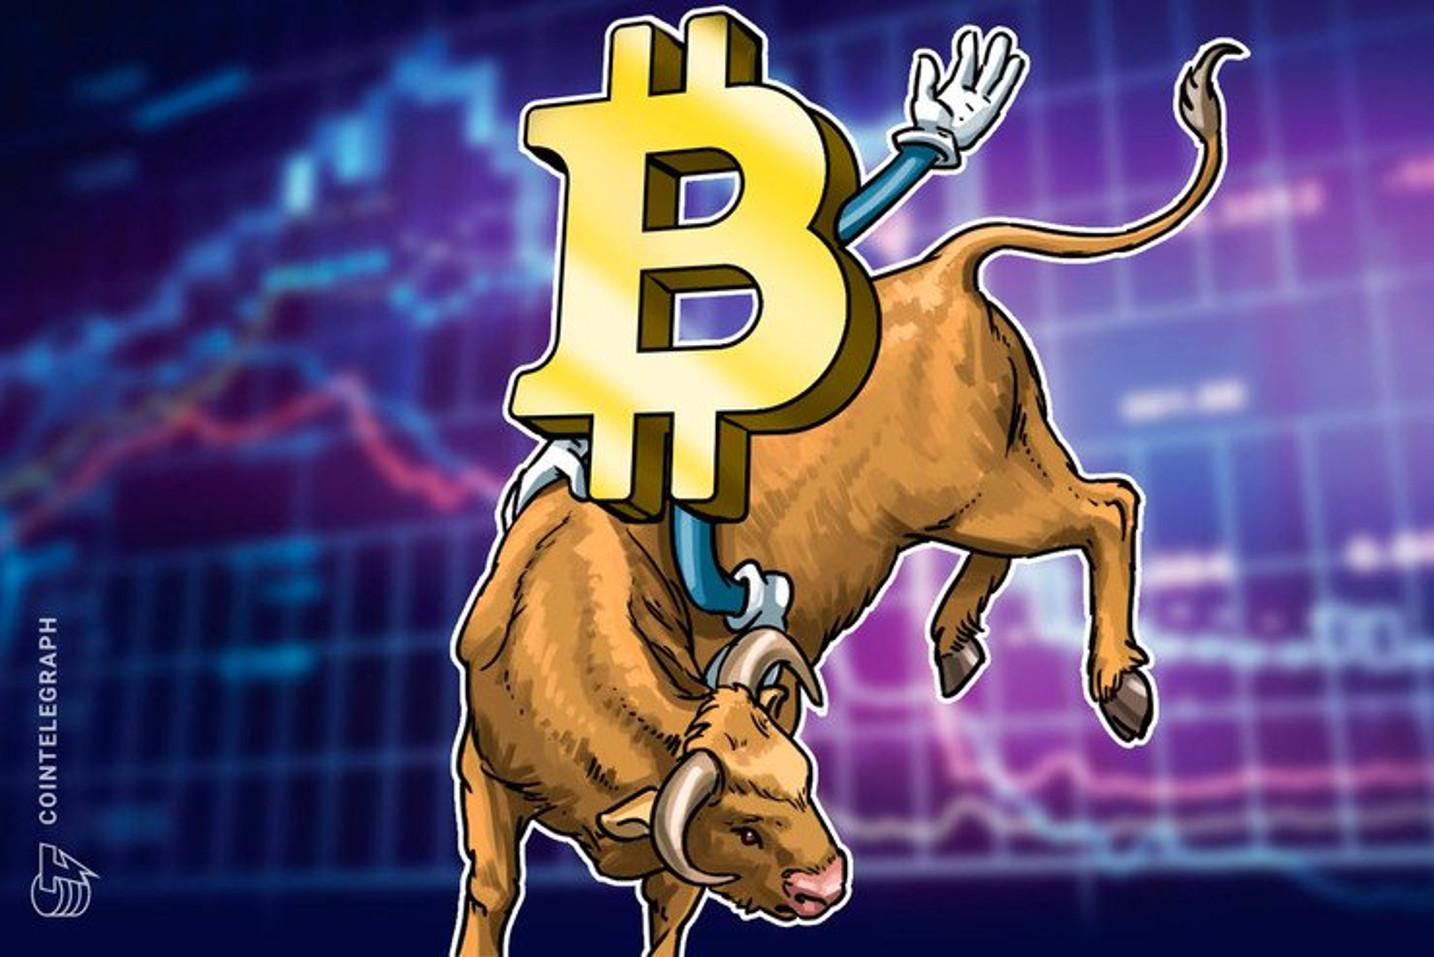 仮想通貨相場は全面高に ビットコインが強気トレンドになる条件は?